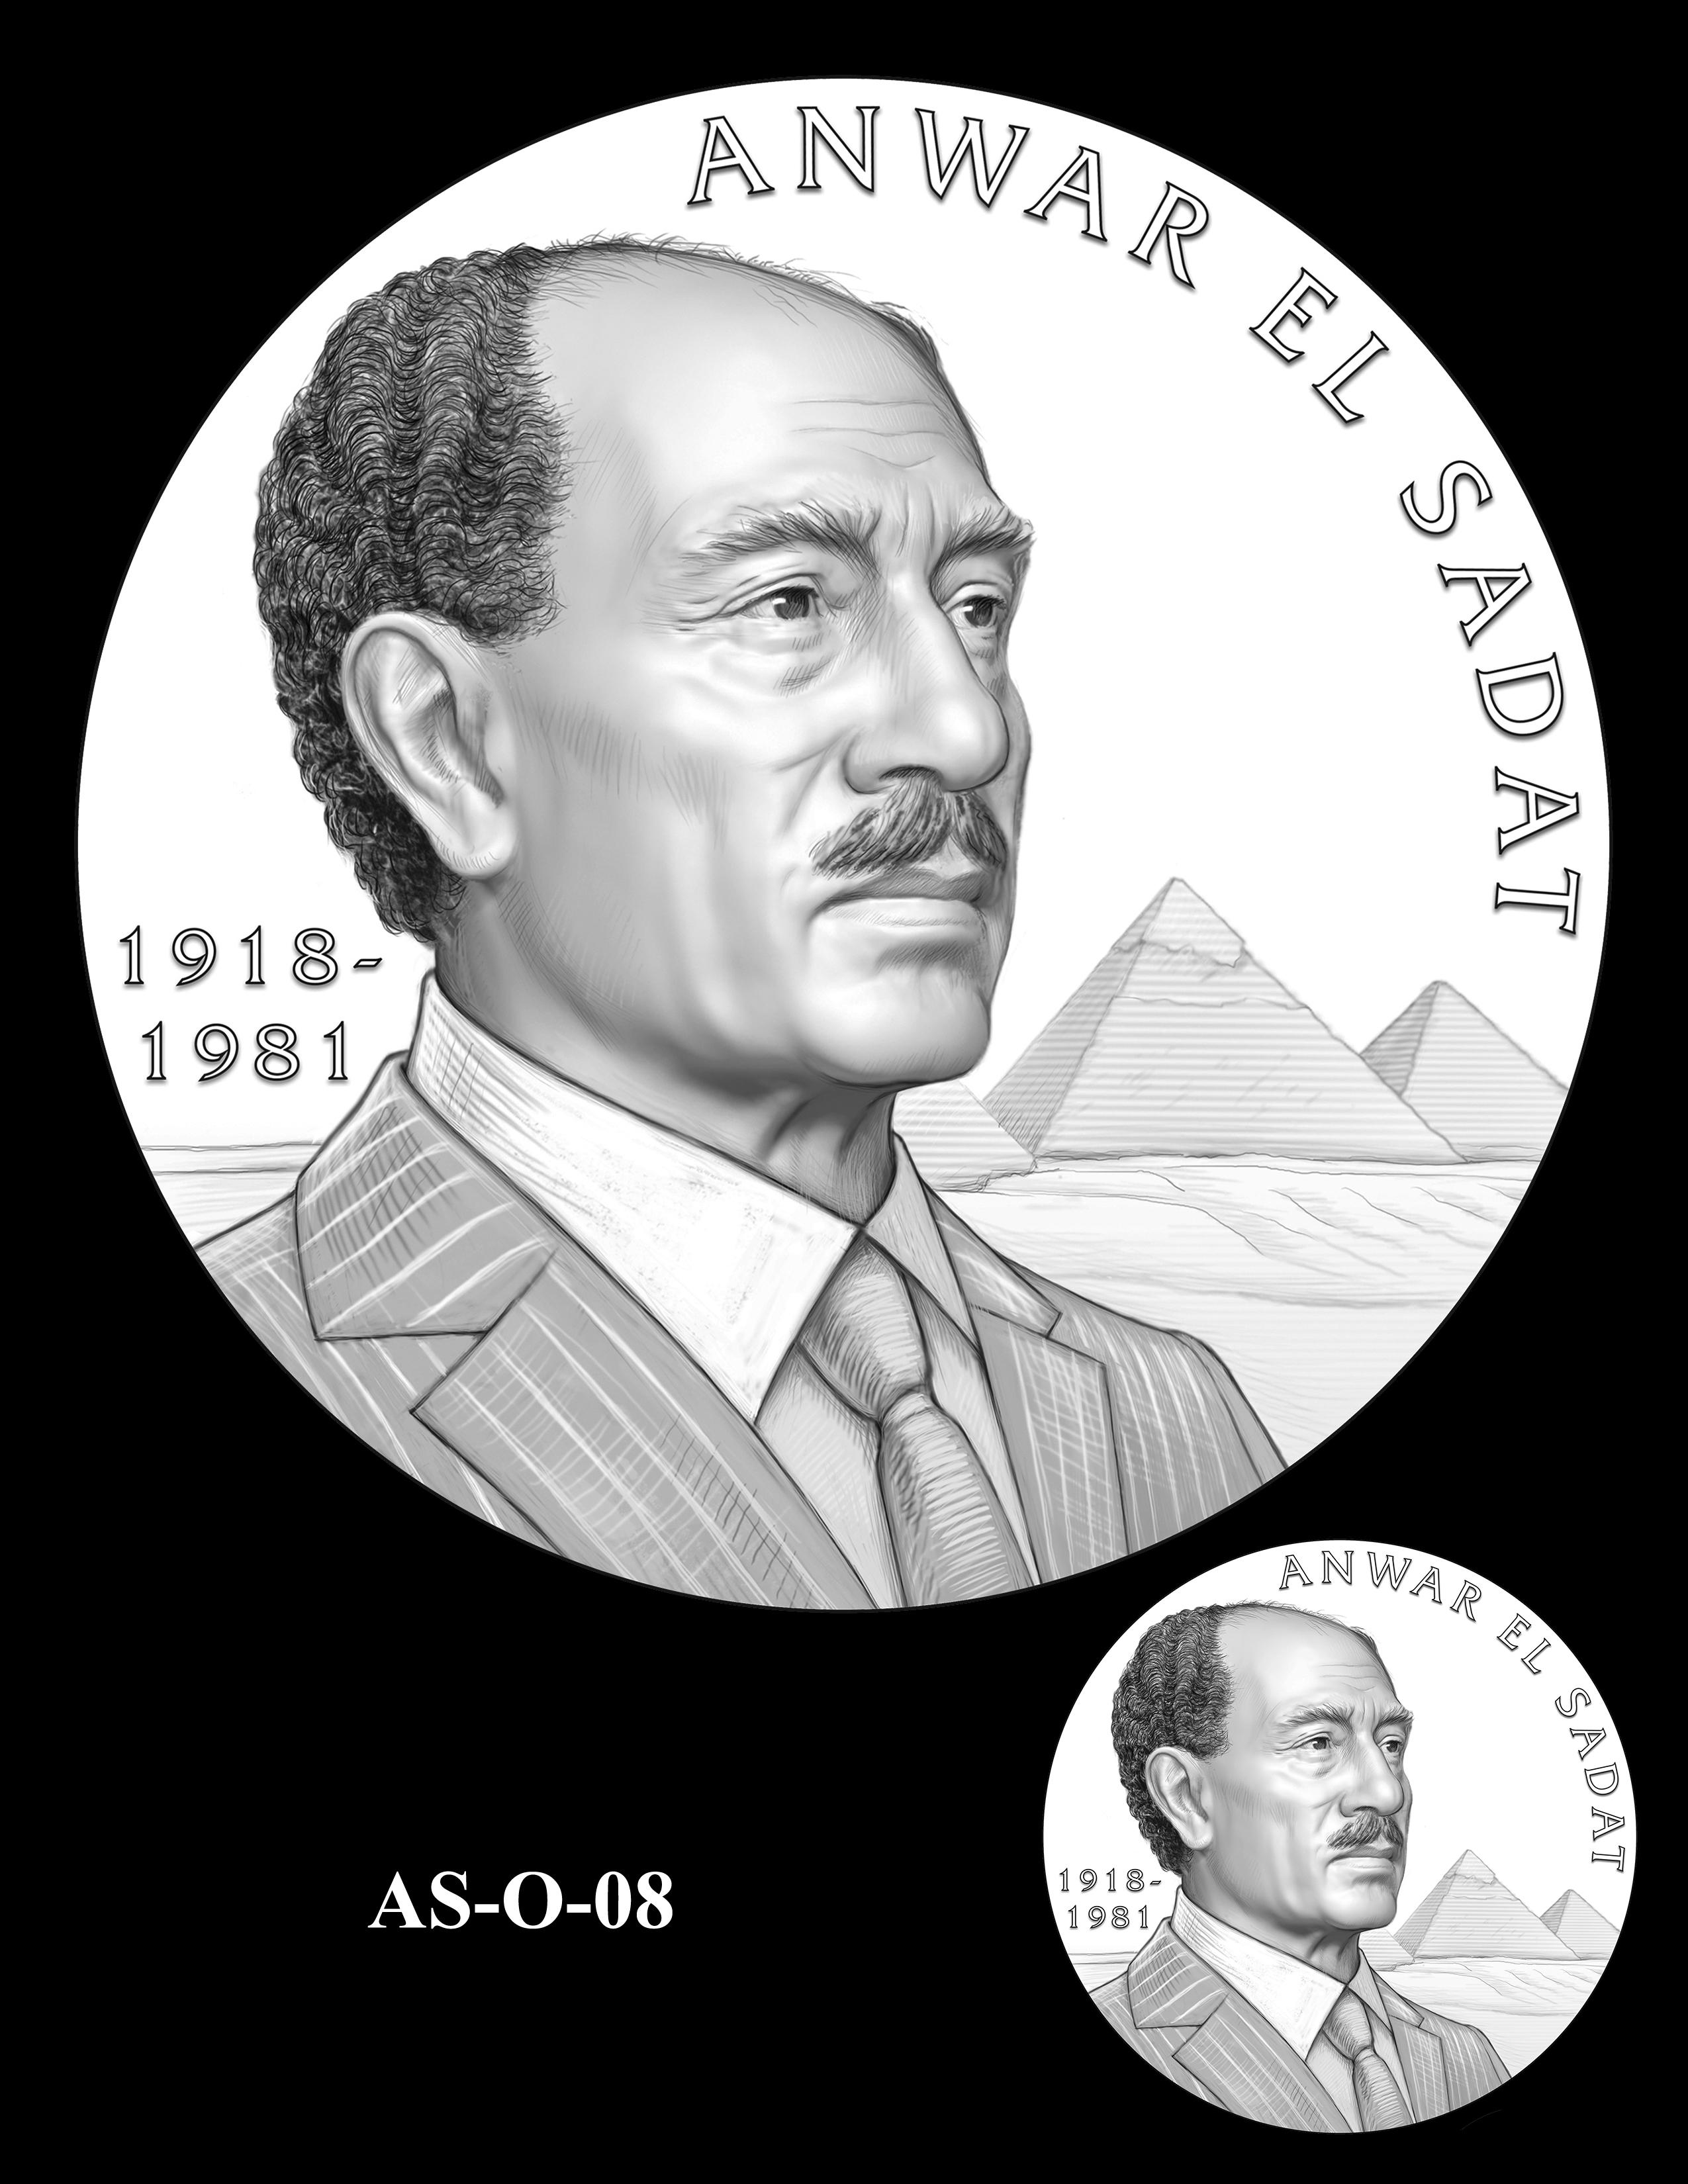 AS-O-08 -- Anwar El Sadat CGM Obverse